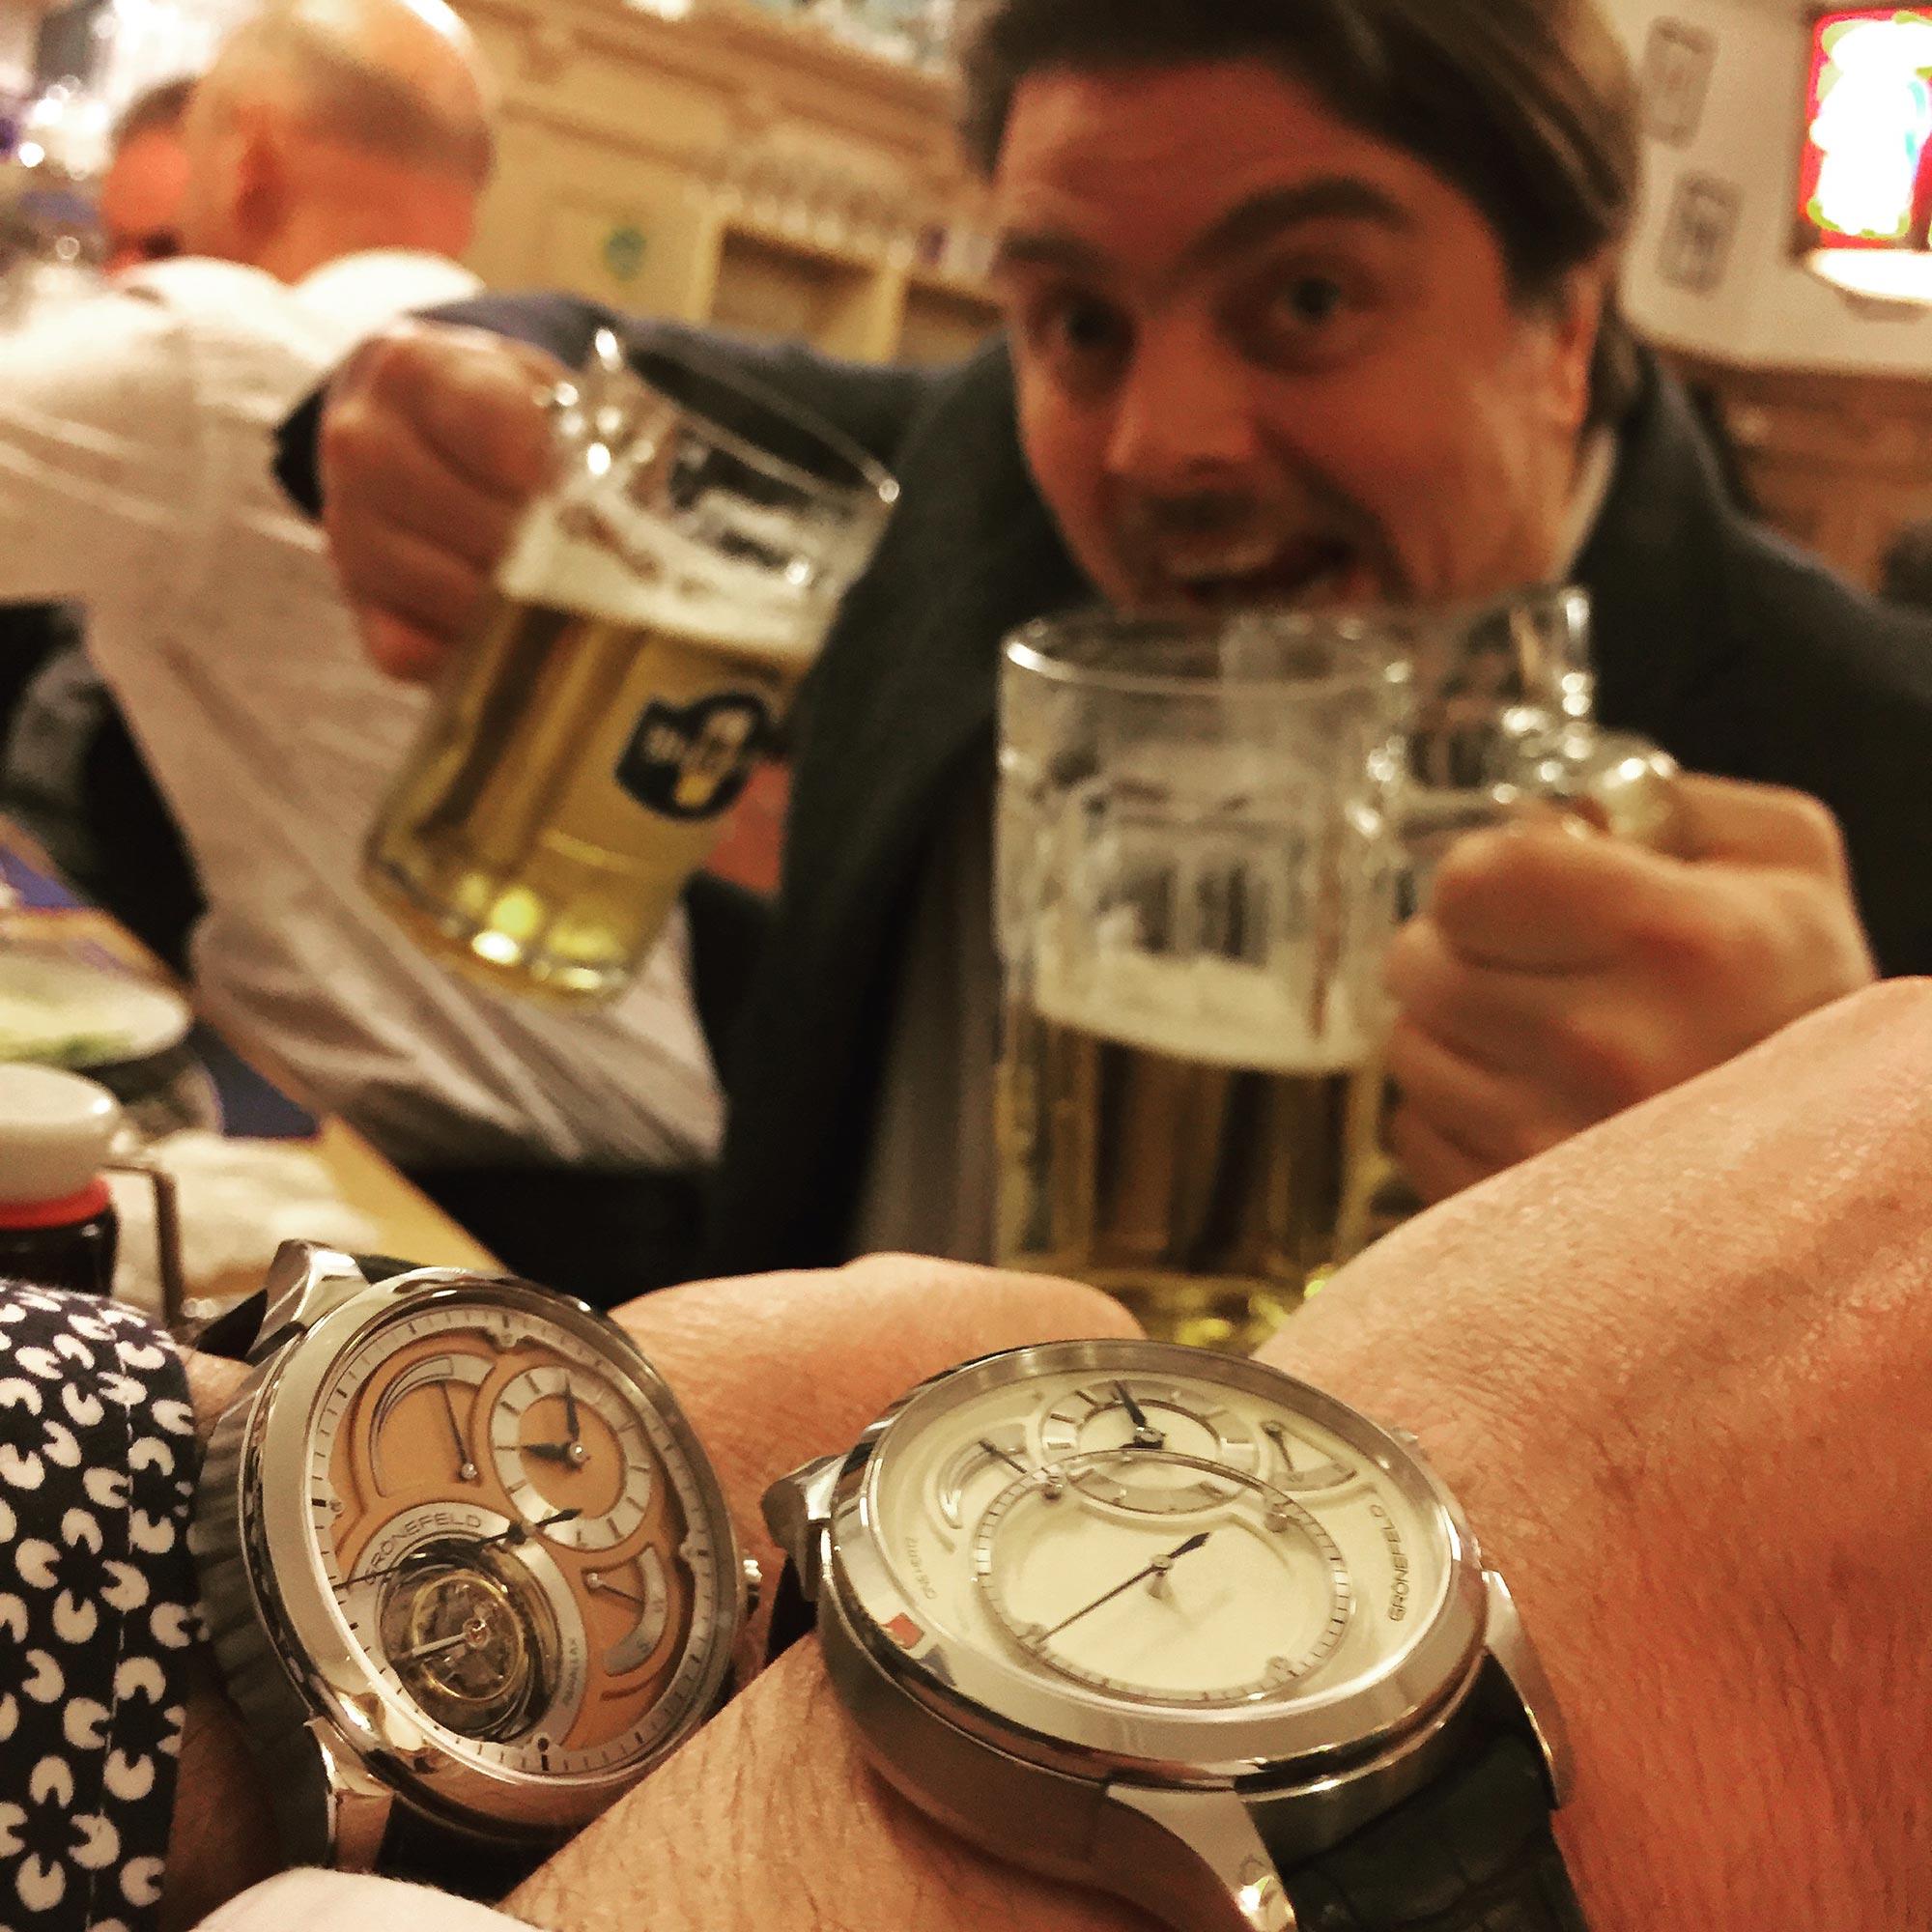 Sarpaneva stealing beer while Grönefeld take a wristshot